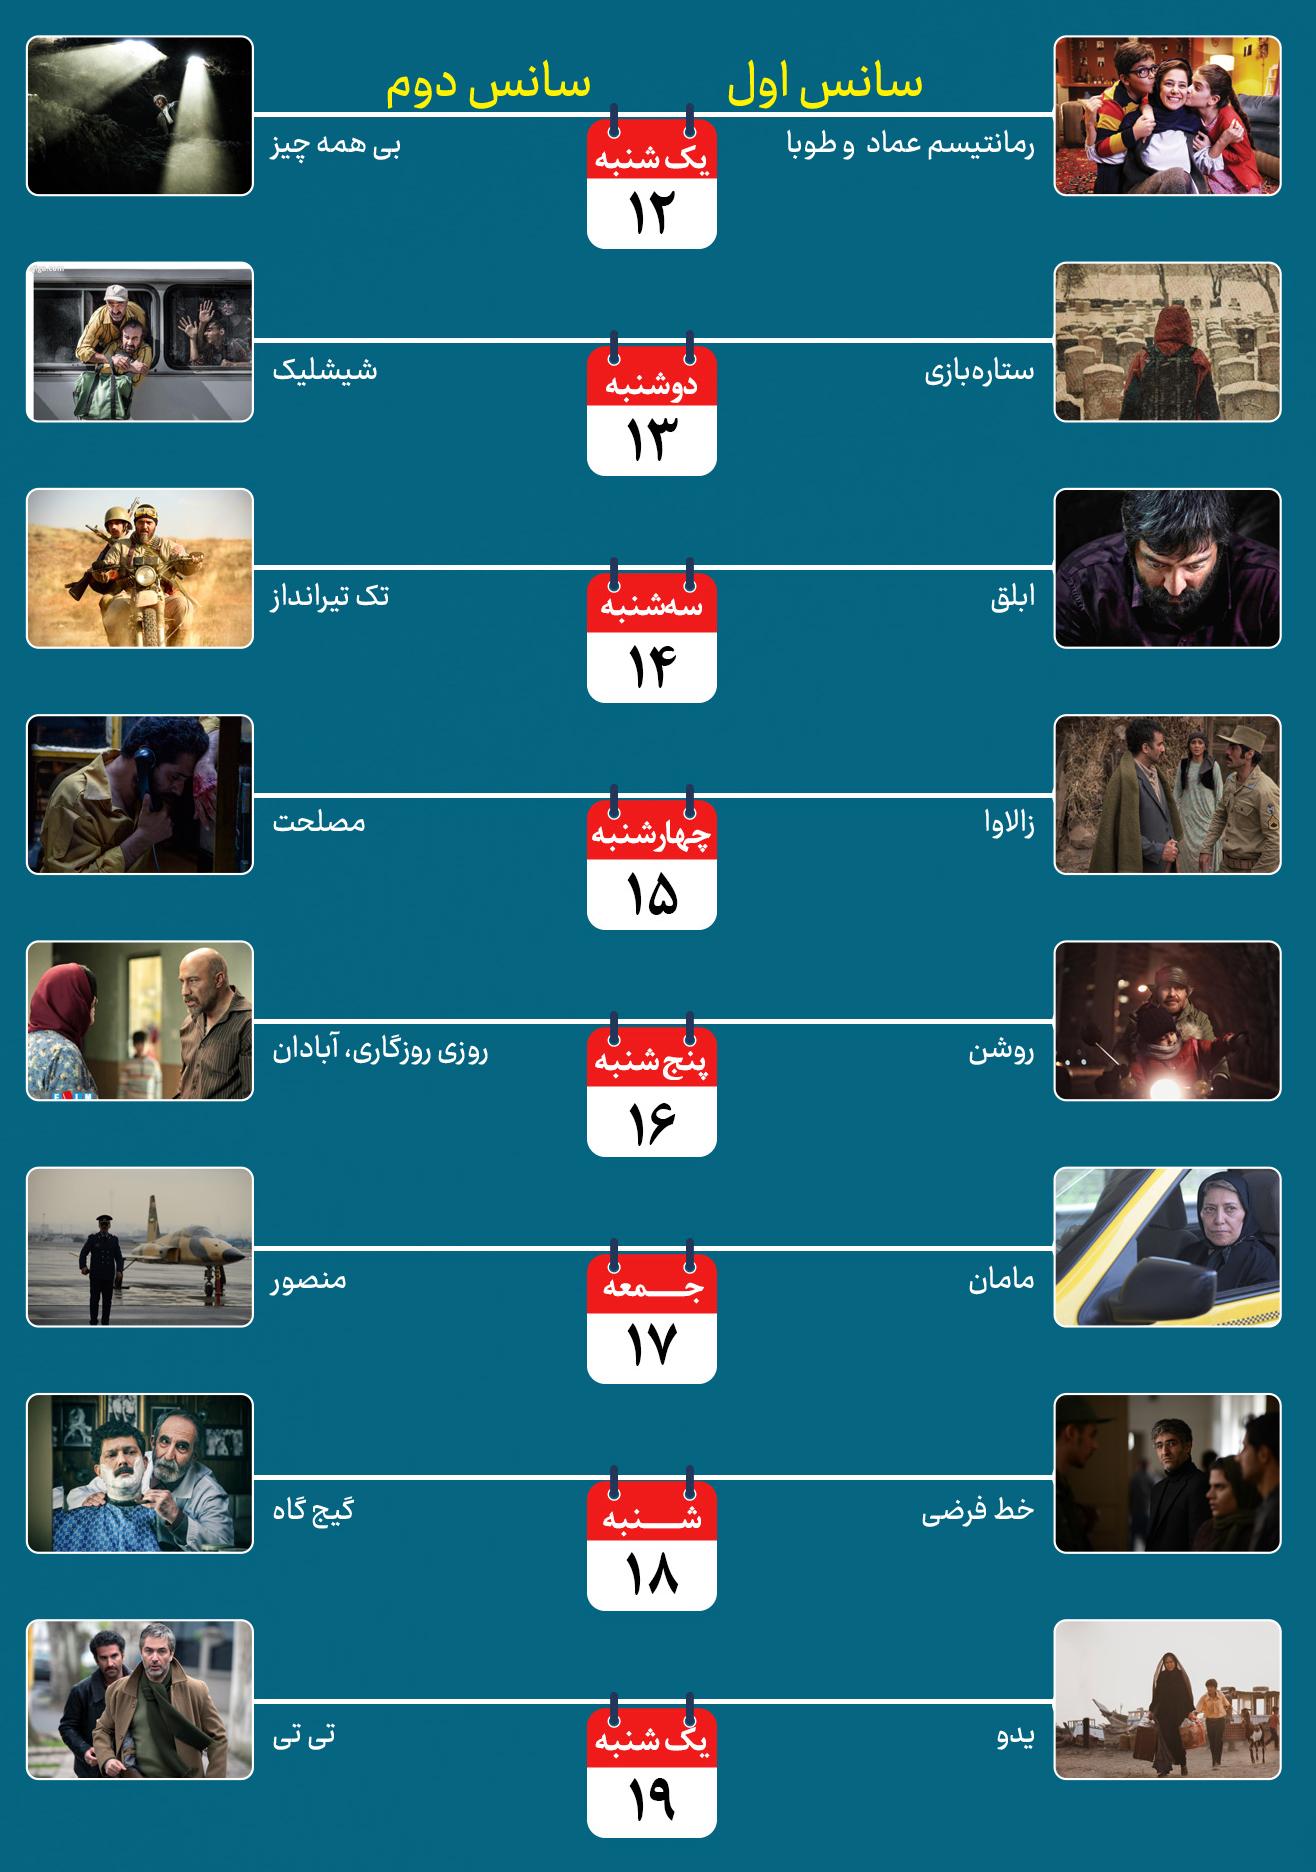 کوچکترین جشنواره در چهار دهه با نمایش 16 فیلم / میلیونها ظرفیت تماشای فیلم در دوران کرونا